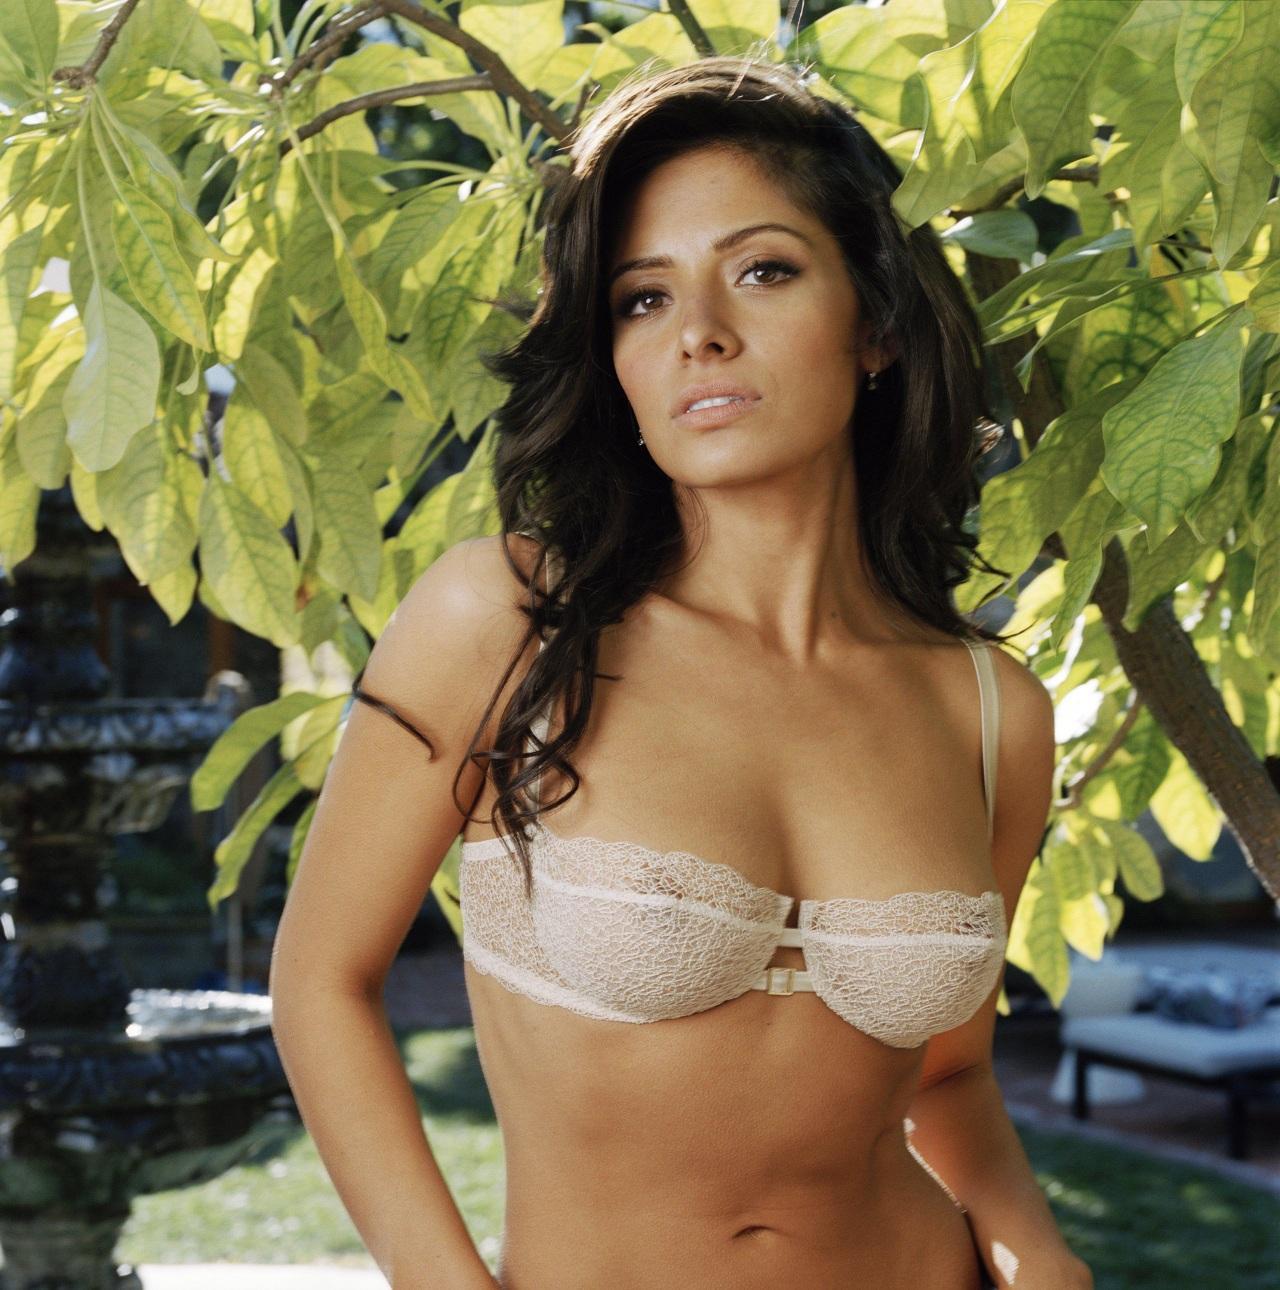 porn star sarah roemer topless